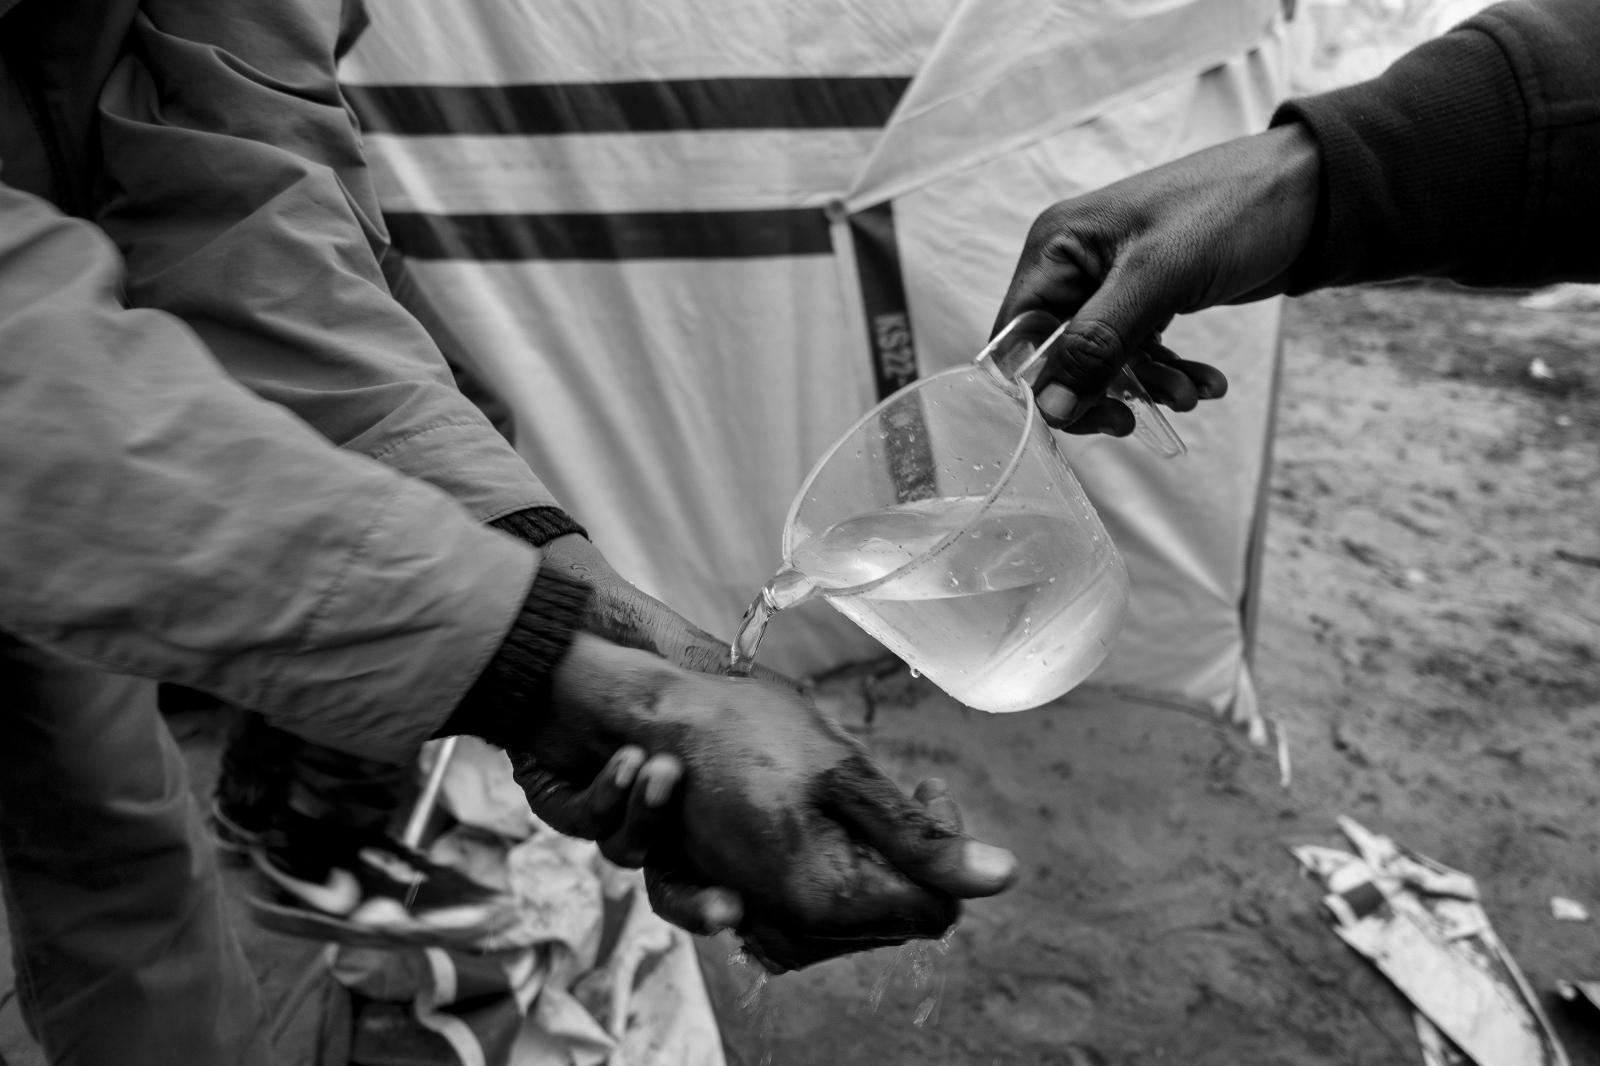 Art and Documentary Photography - Loading The_Zaghawa_of_Sudan_-_Maurizio_Martorana__5.jpg